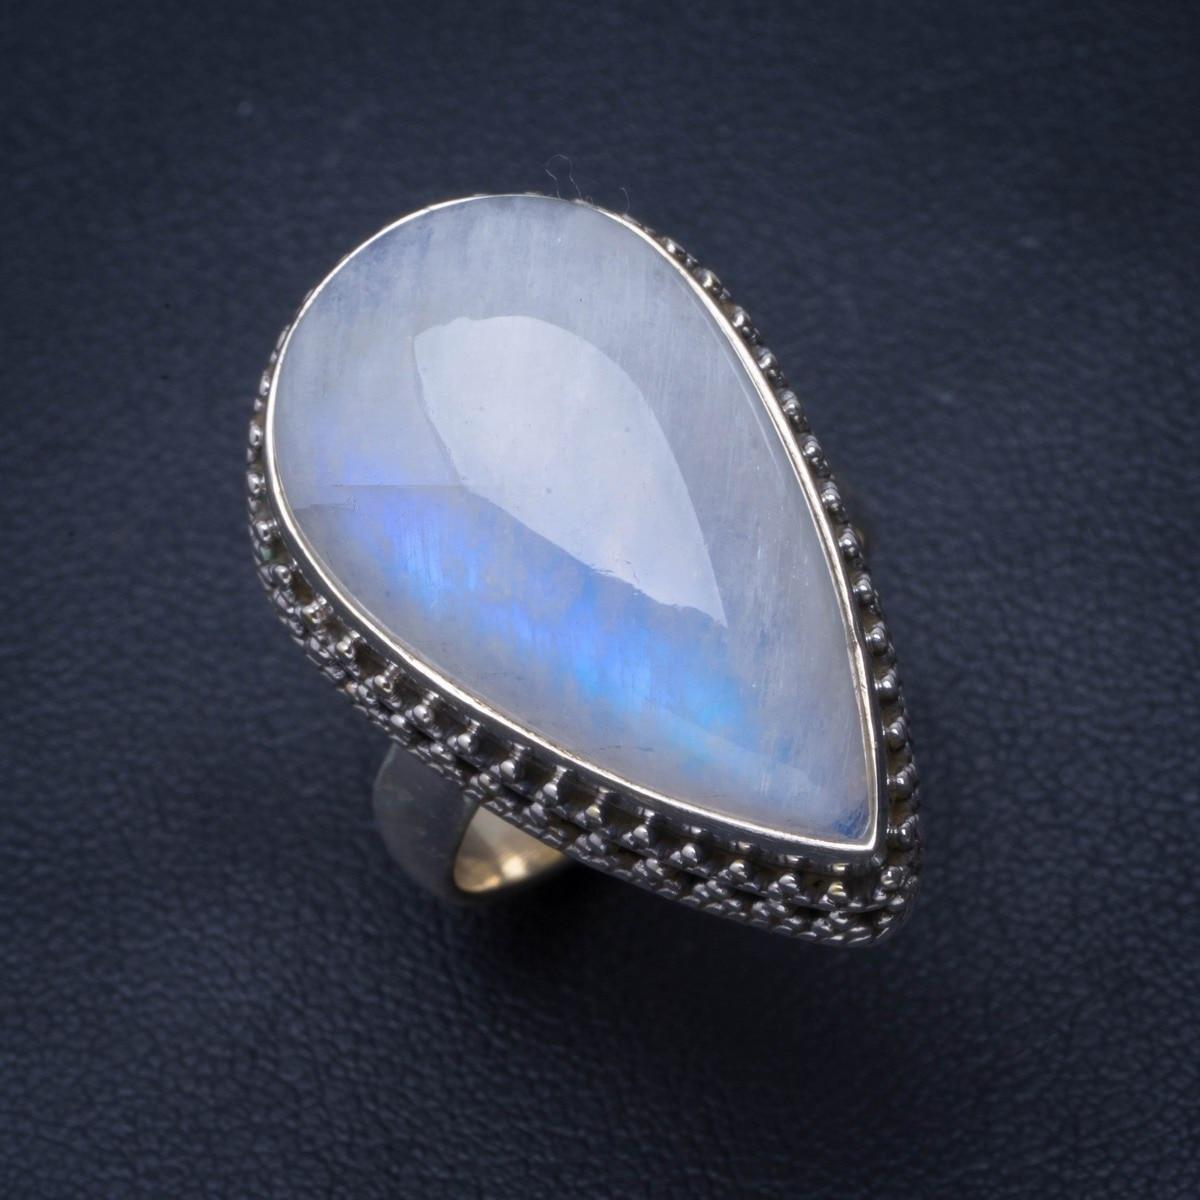 Bague naturelle en argent Sterling 925 fait main en pierre de lune arc-en-ciel 7 B1440